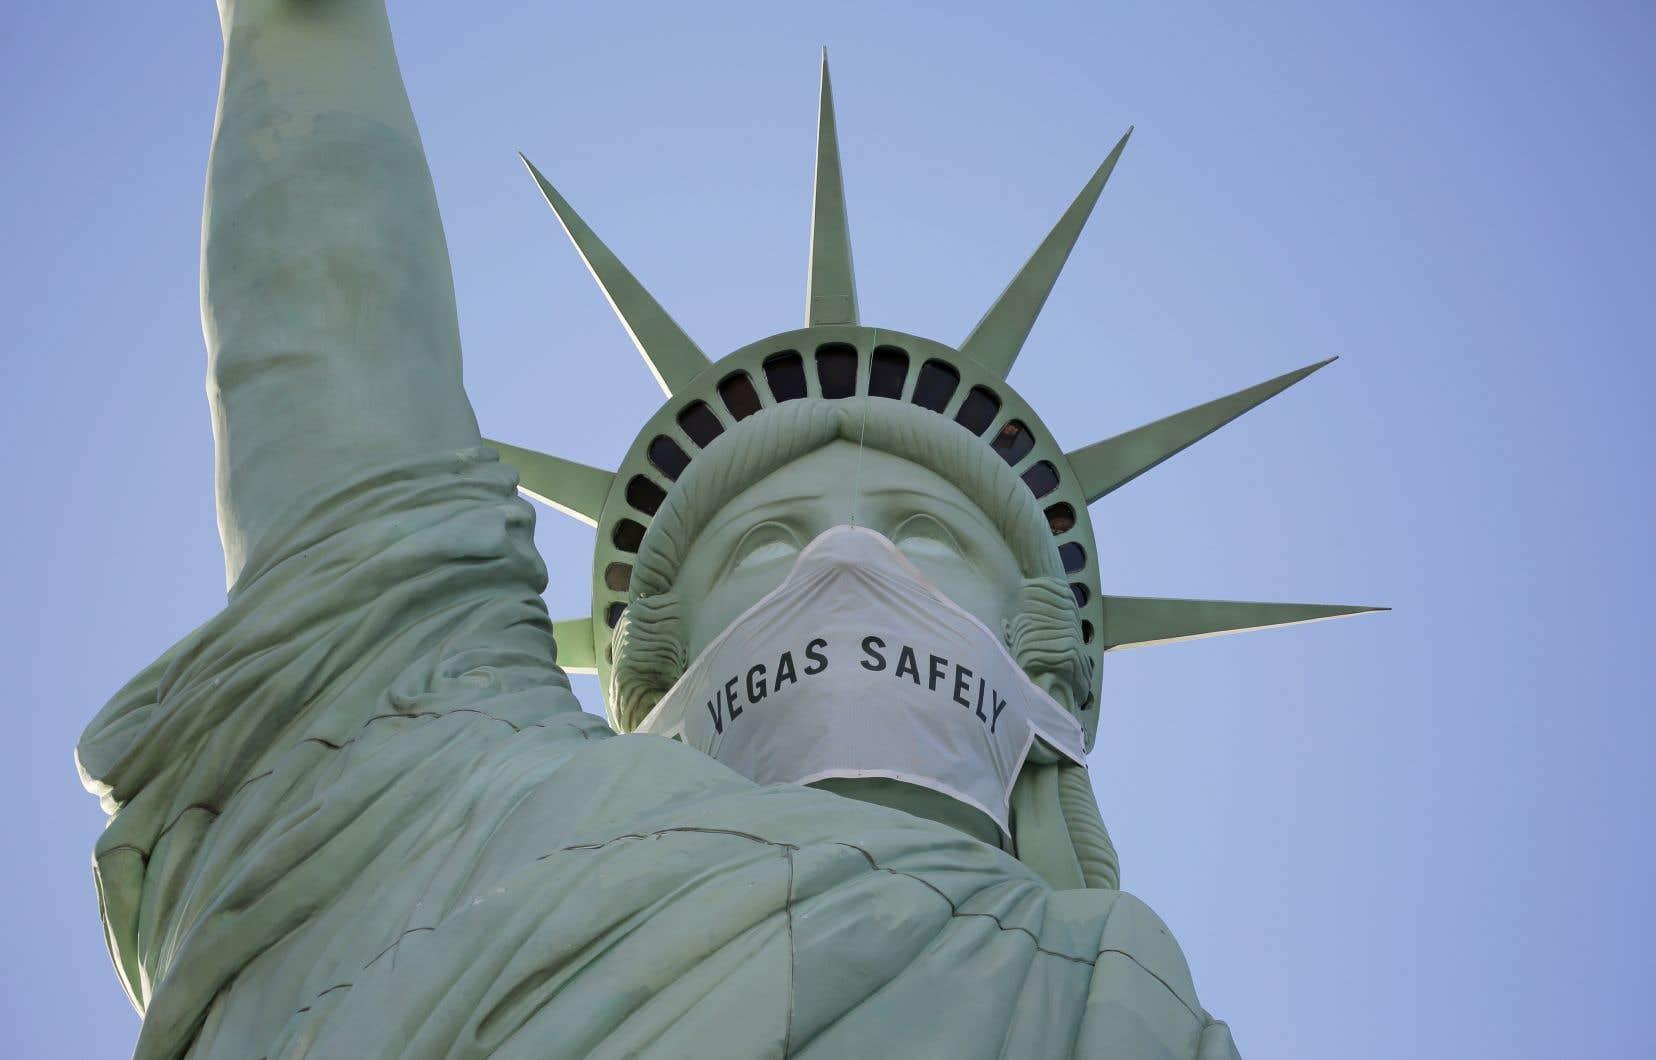 Avec près de 78000 nouveaux cas rapportés aux États-Unis, selon un bilan complet de la journée de jeudi par l'Université Johns Hopkins, le pays reste en pleine ascension épidémique.